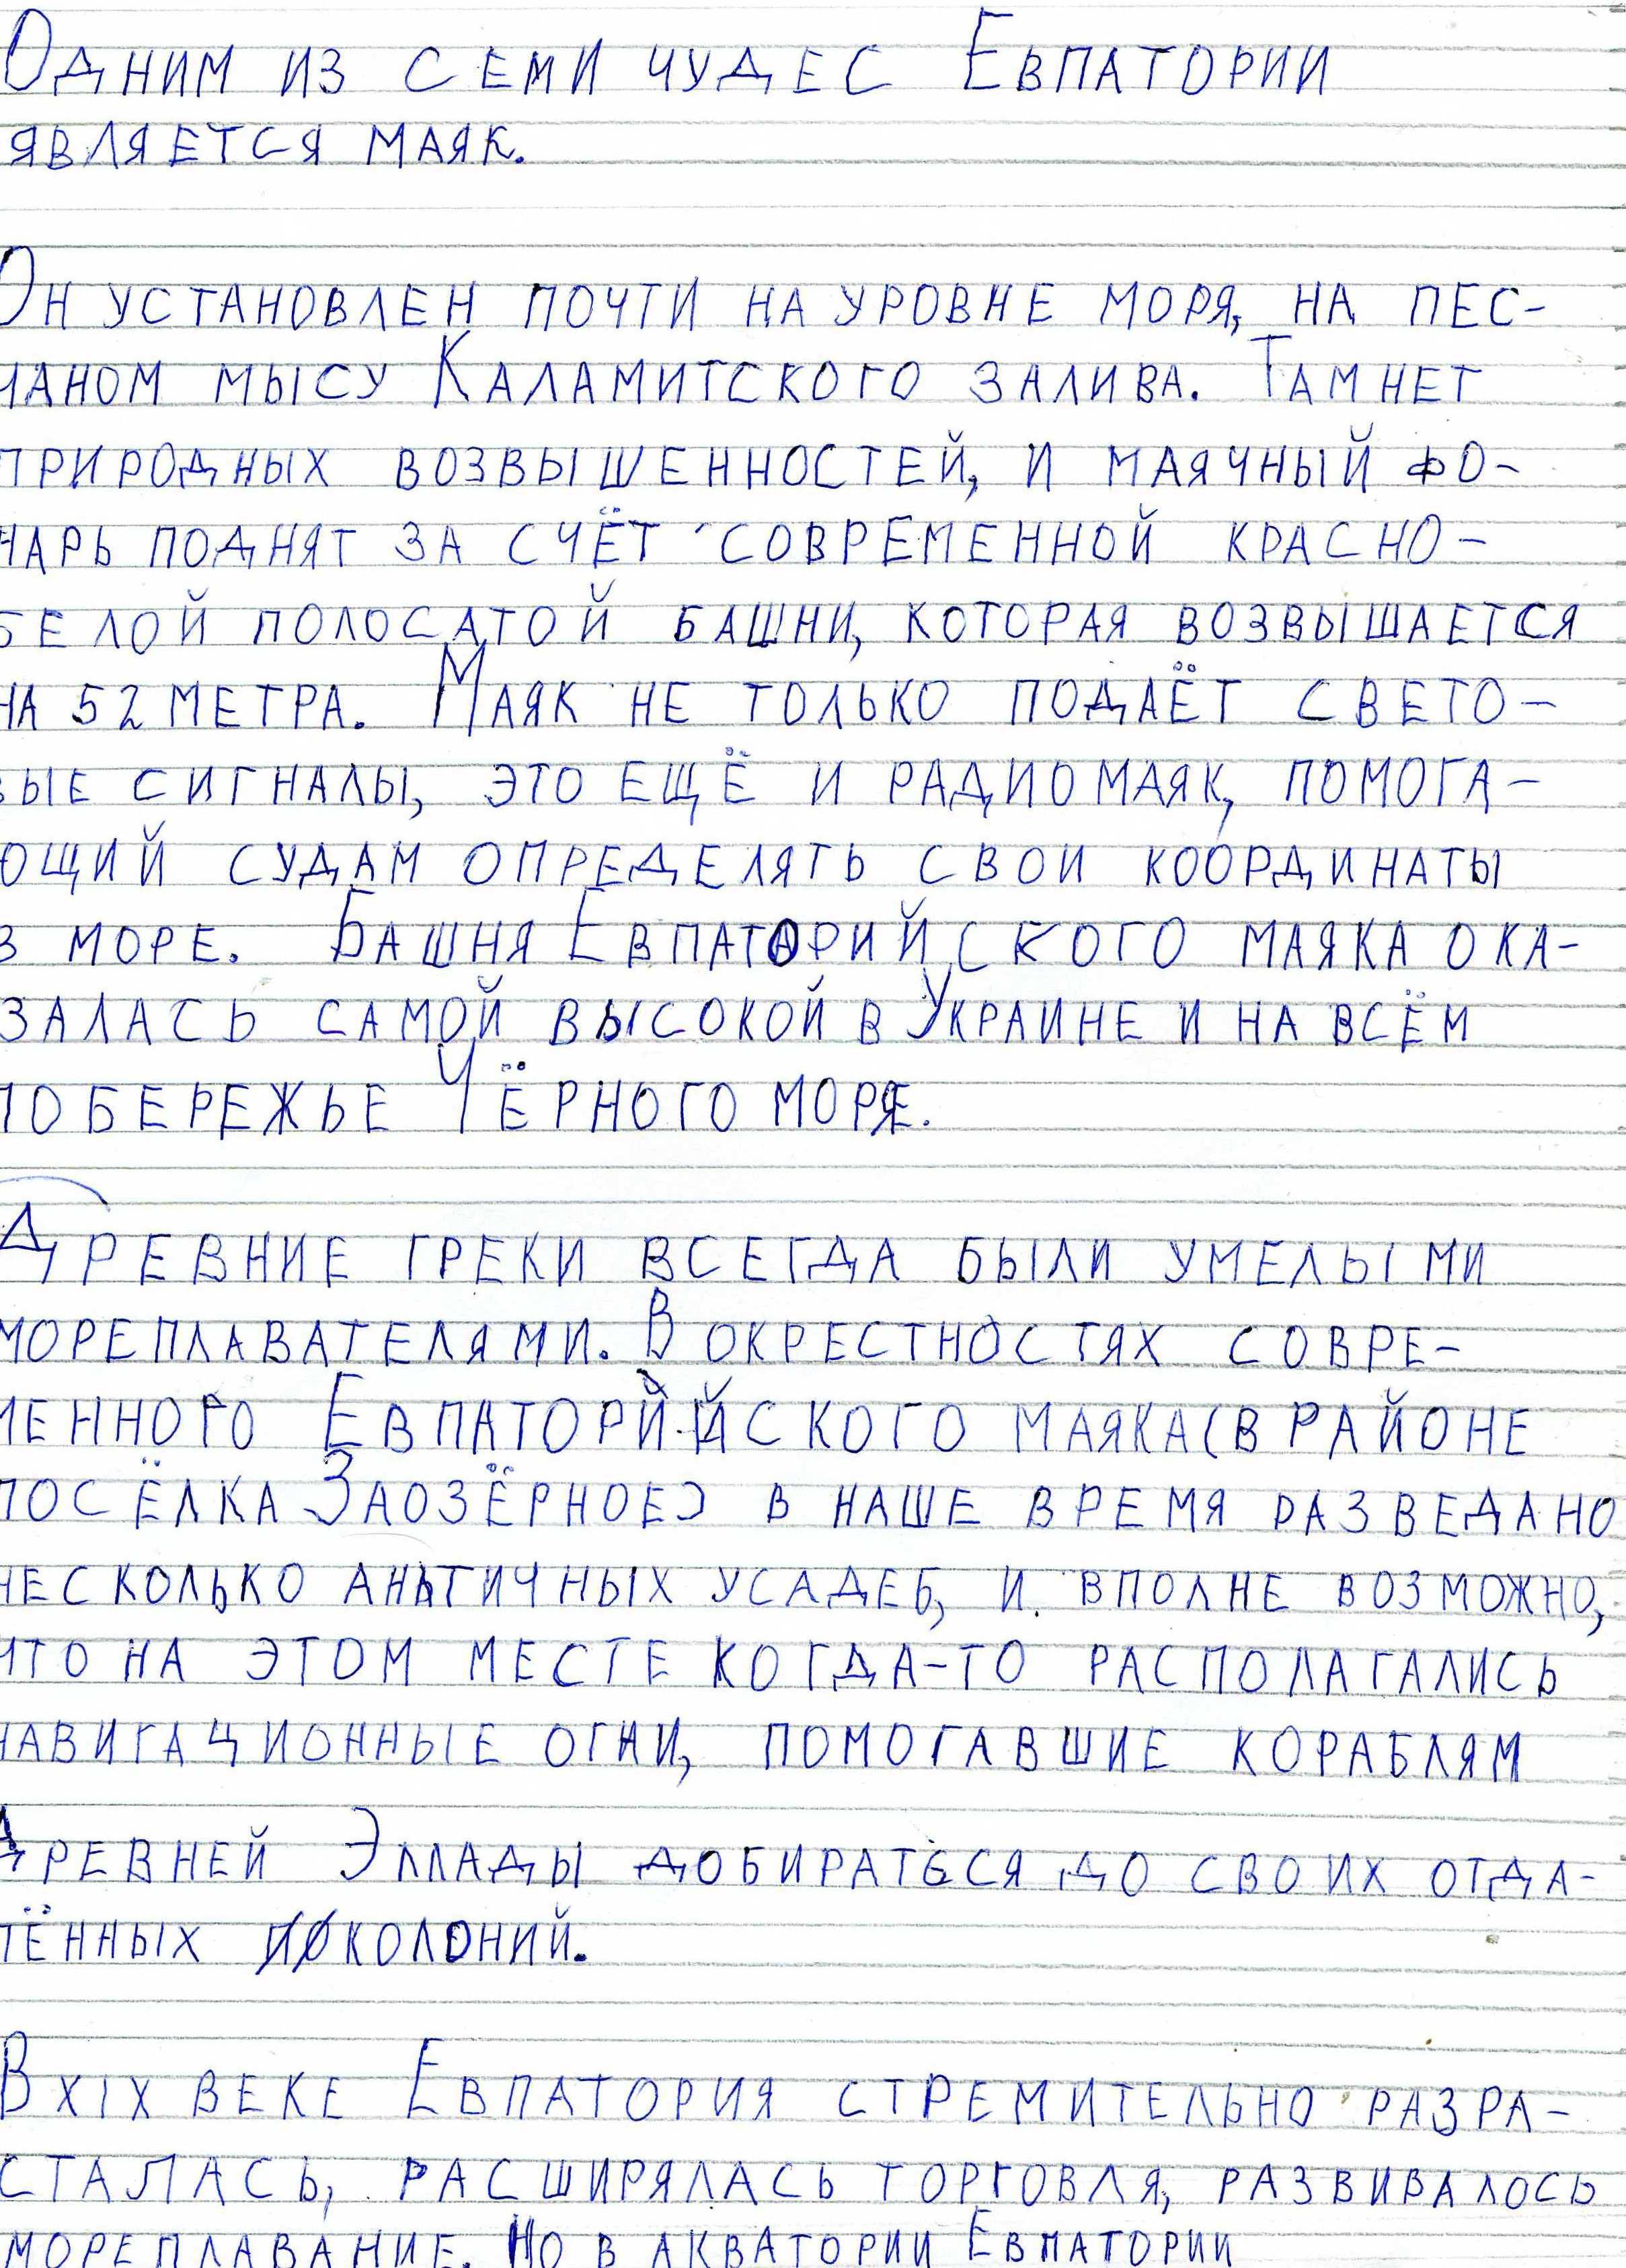 C:\Documents and Settings\Администратор\Мои документы\Мои рисунки\img022.jpg